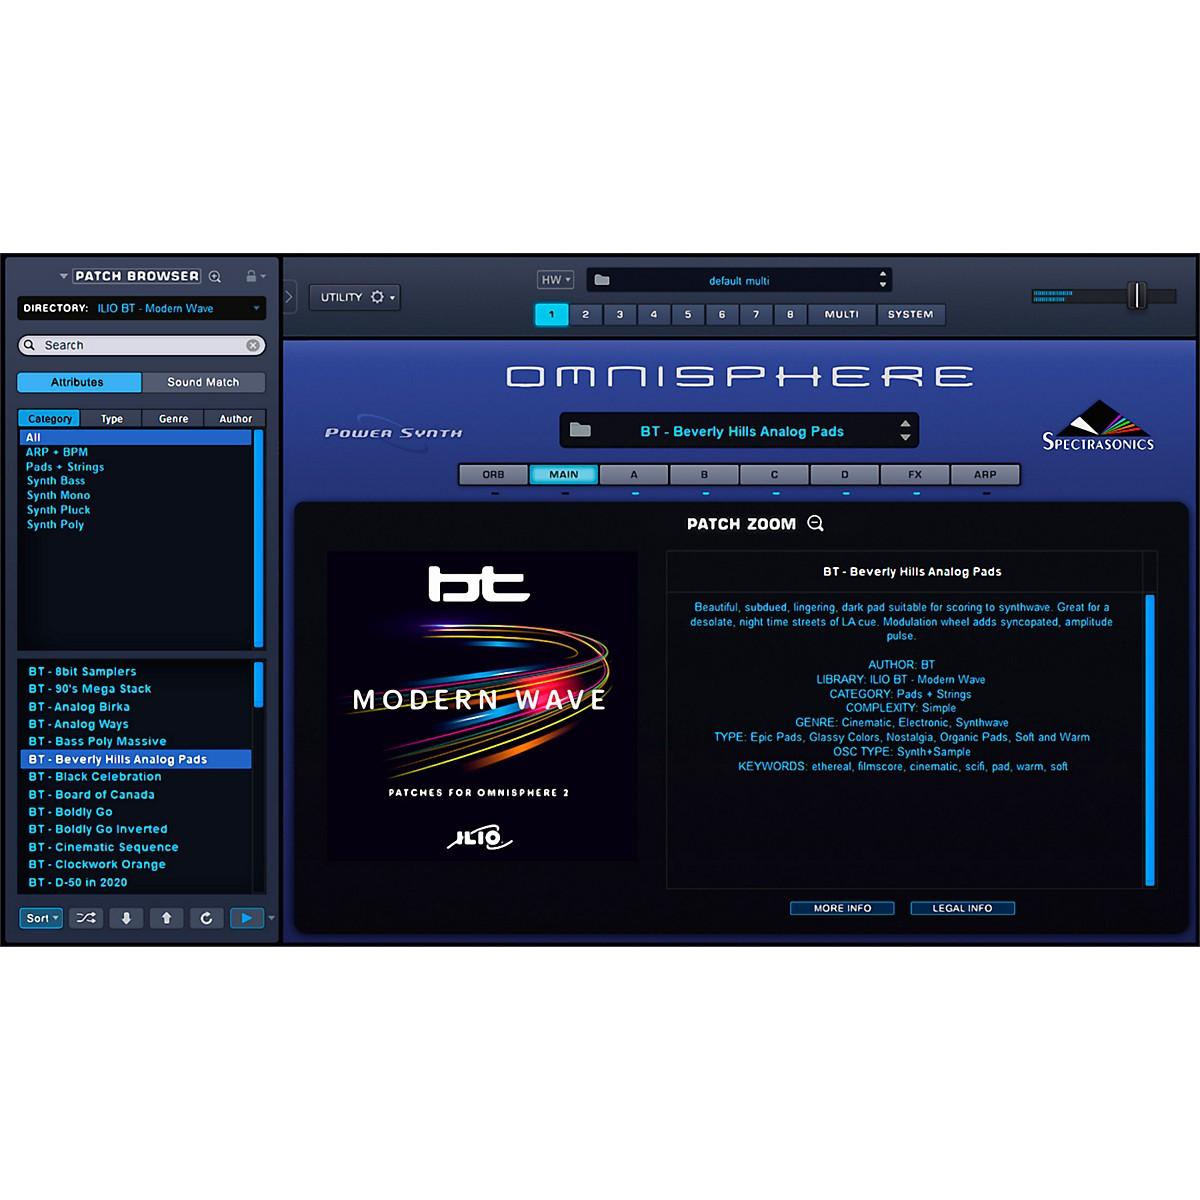 Ilio BT-Modern Wave - Artist Patches for Omnisphere 2 (Download)